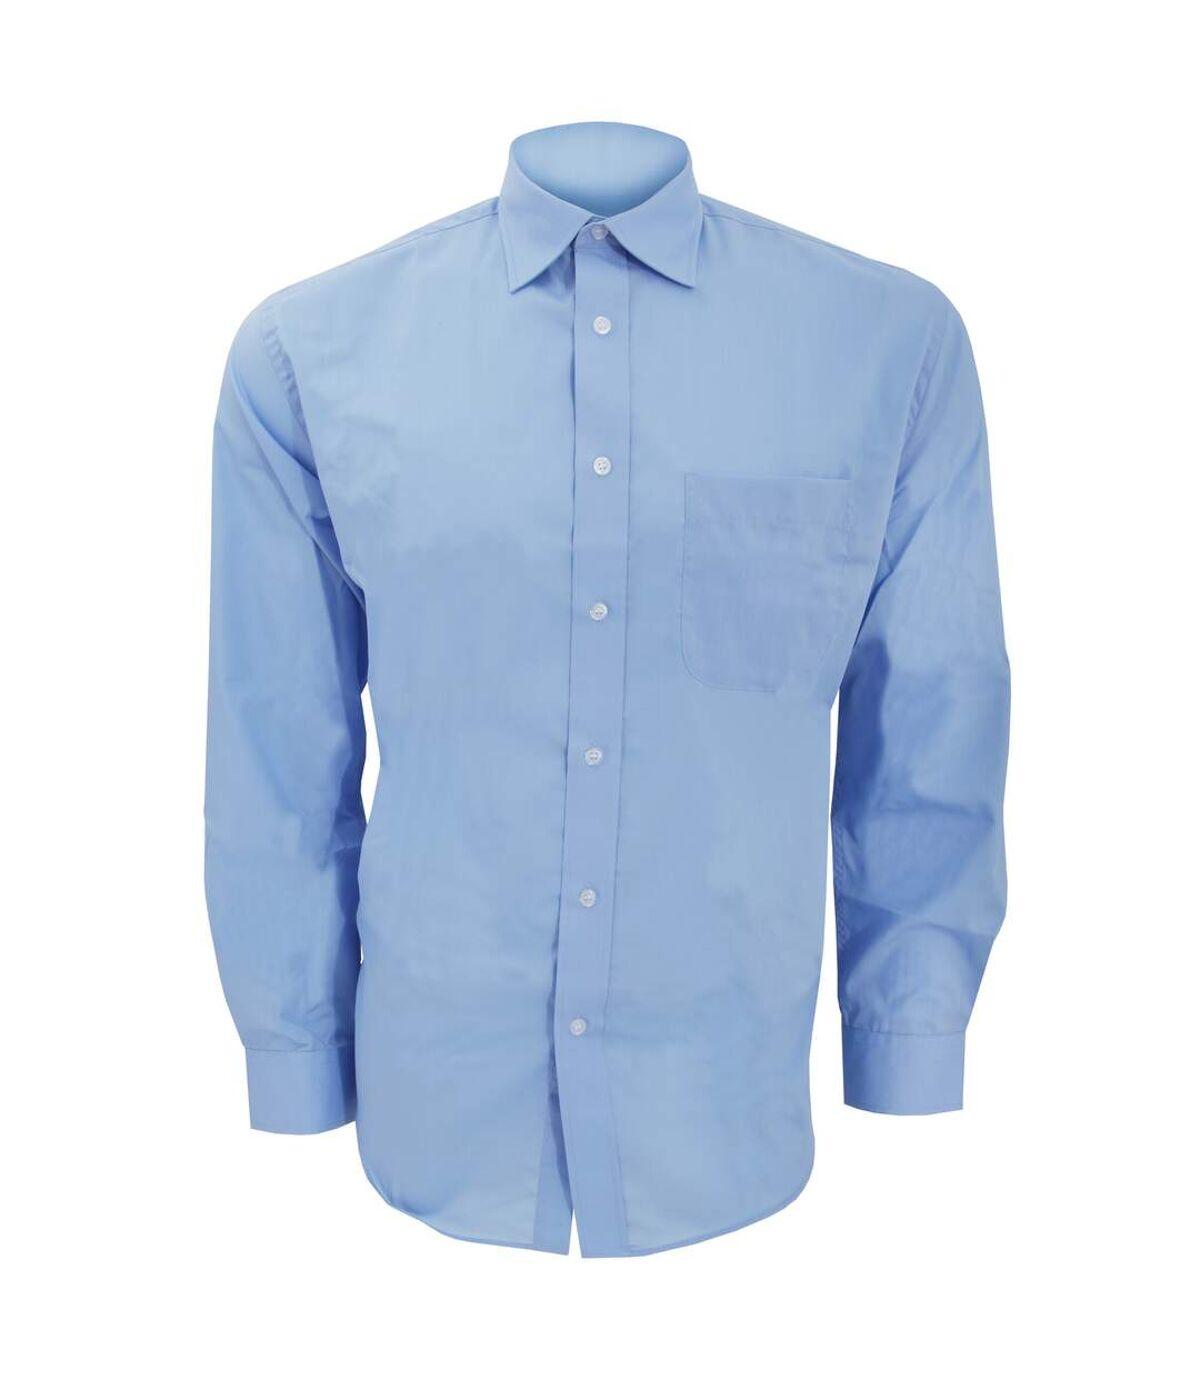 Kustom Kit Mens Long Sleeve Business Shirt (Light Blue) - UTBC593